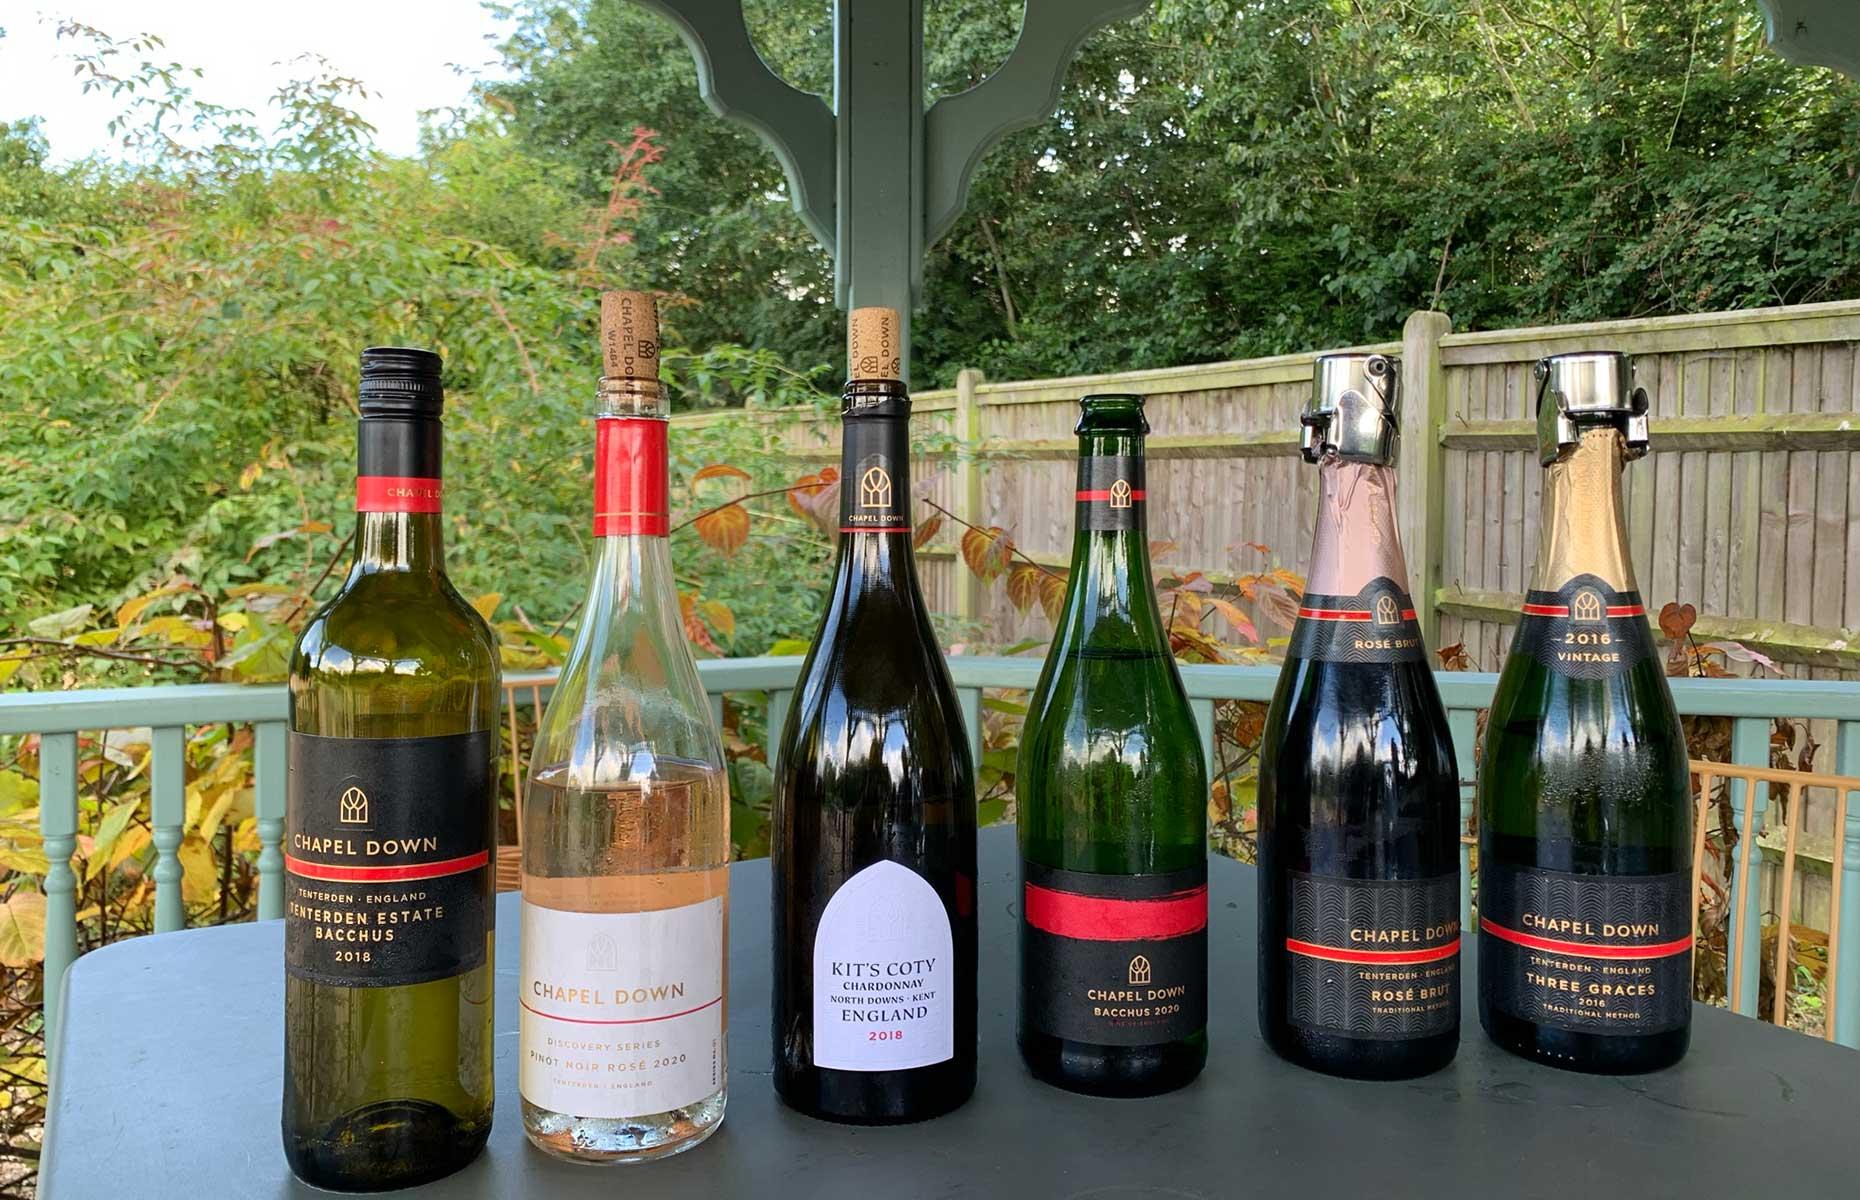 Chapel Down wine tasting (Image: Laura Jackson/loveFOOD)